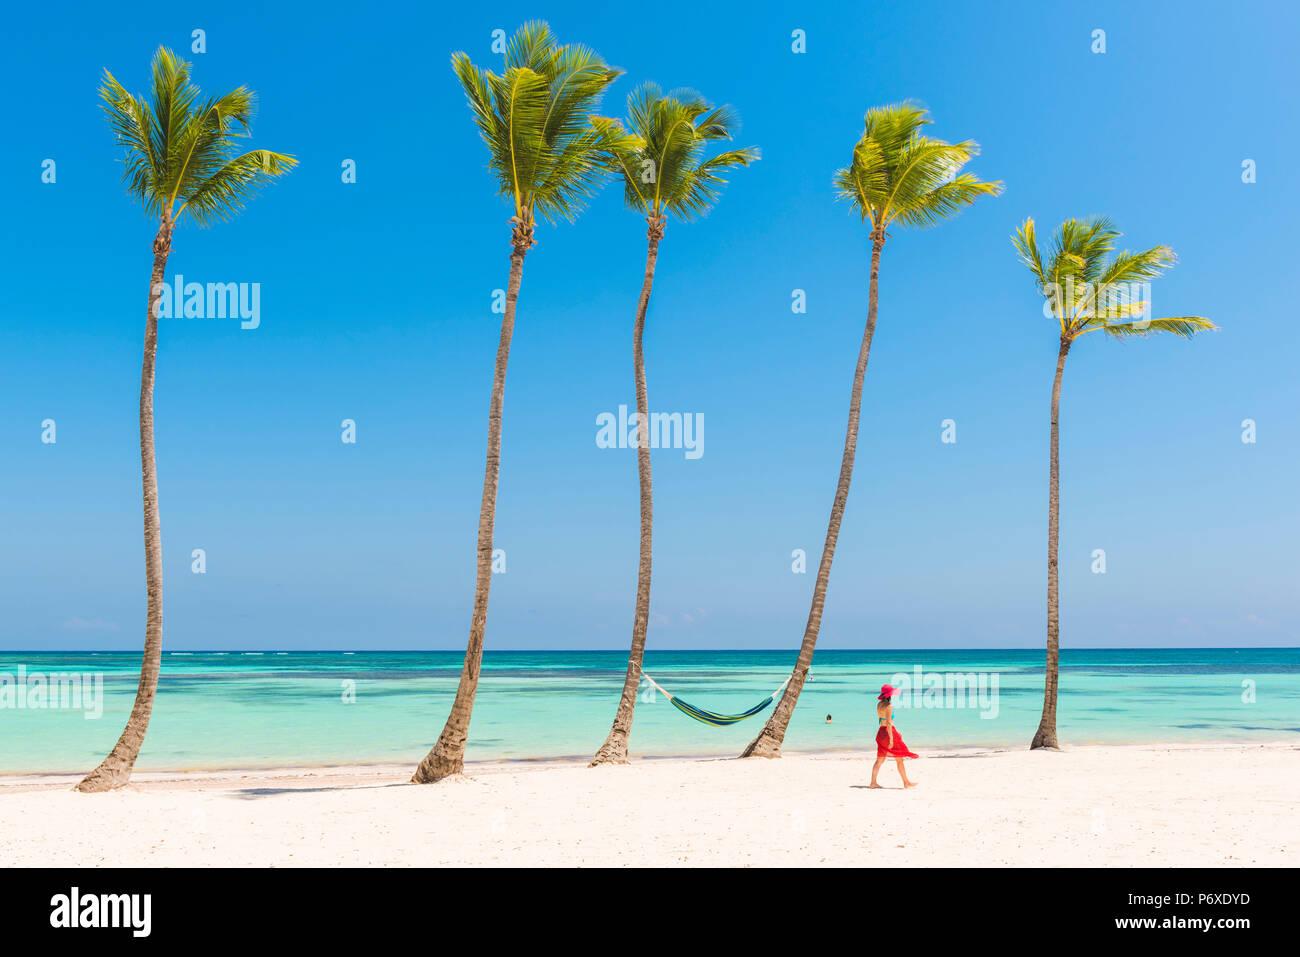 Juanillo Beach (playa Juanillo), Punta Cana, République dominicaine. Femme marche sur une plage bordée de palmiers (MR). Photo Stock